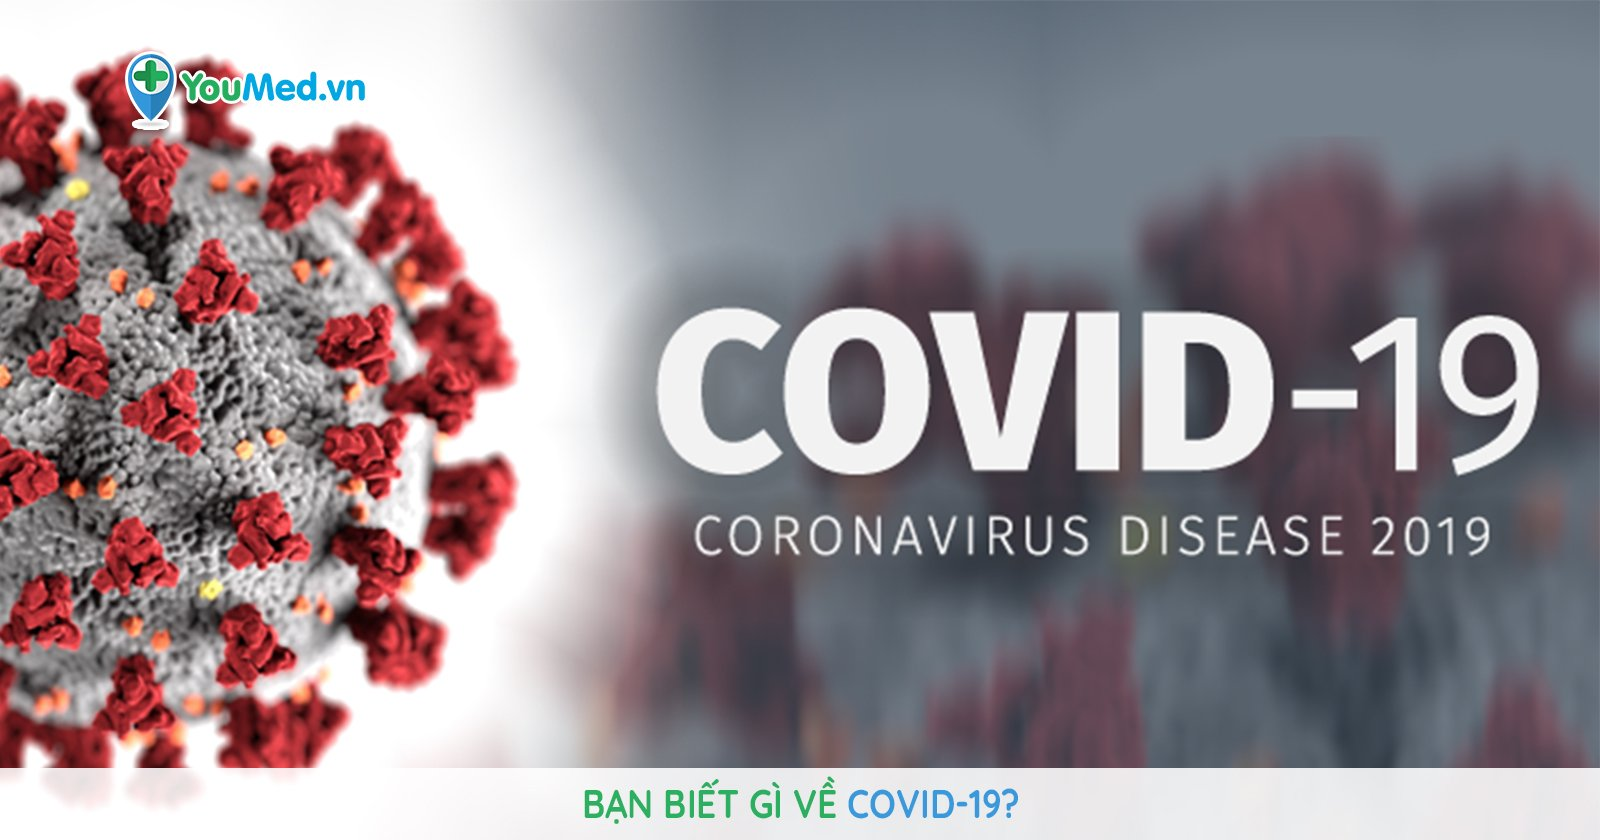 Bạn biết gì về COVID-19?